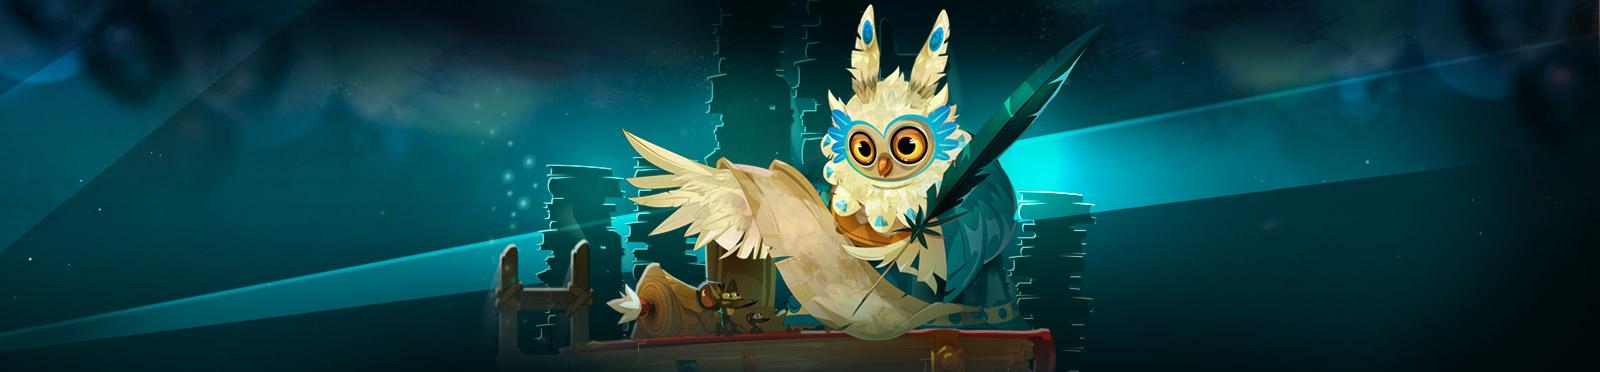 Dofus rules owl banner